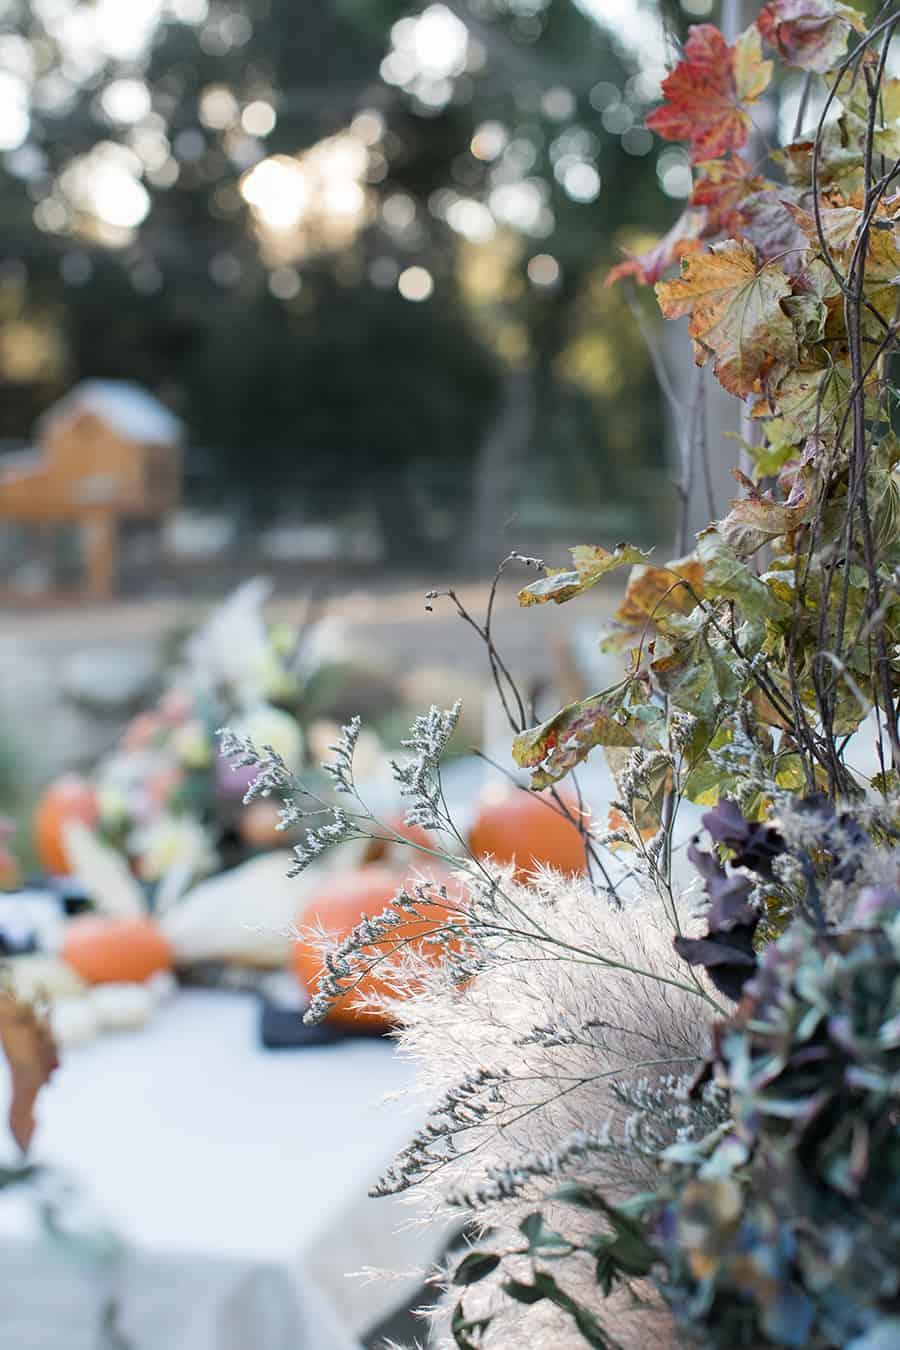 shot of table in garden